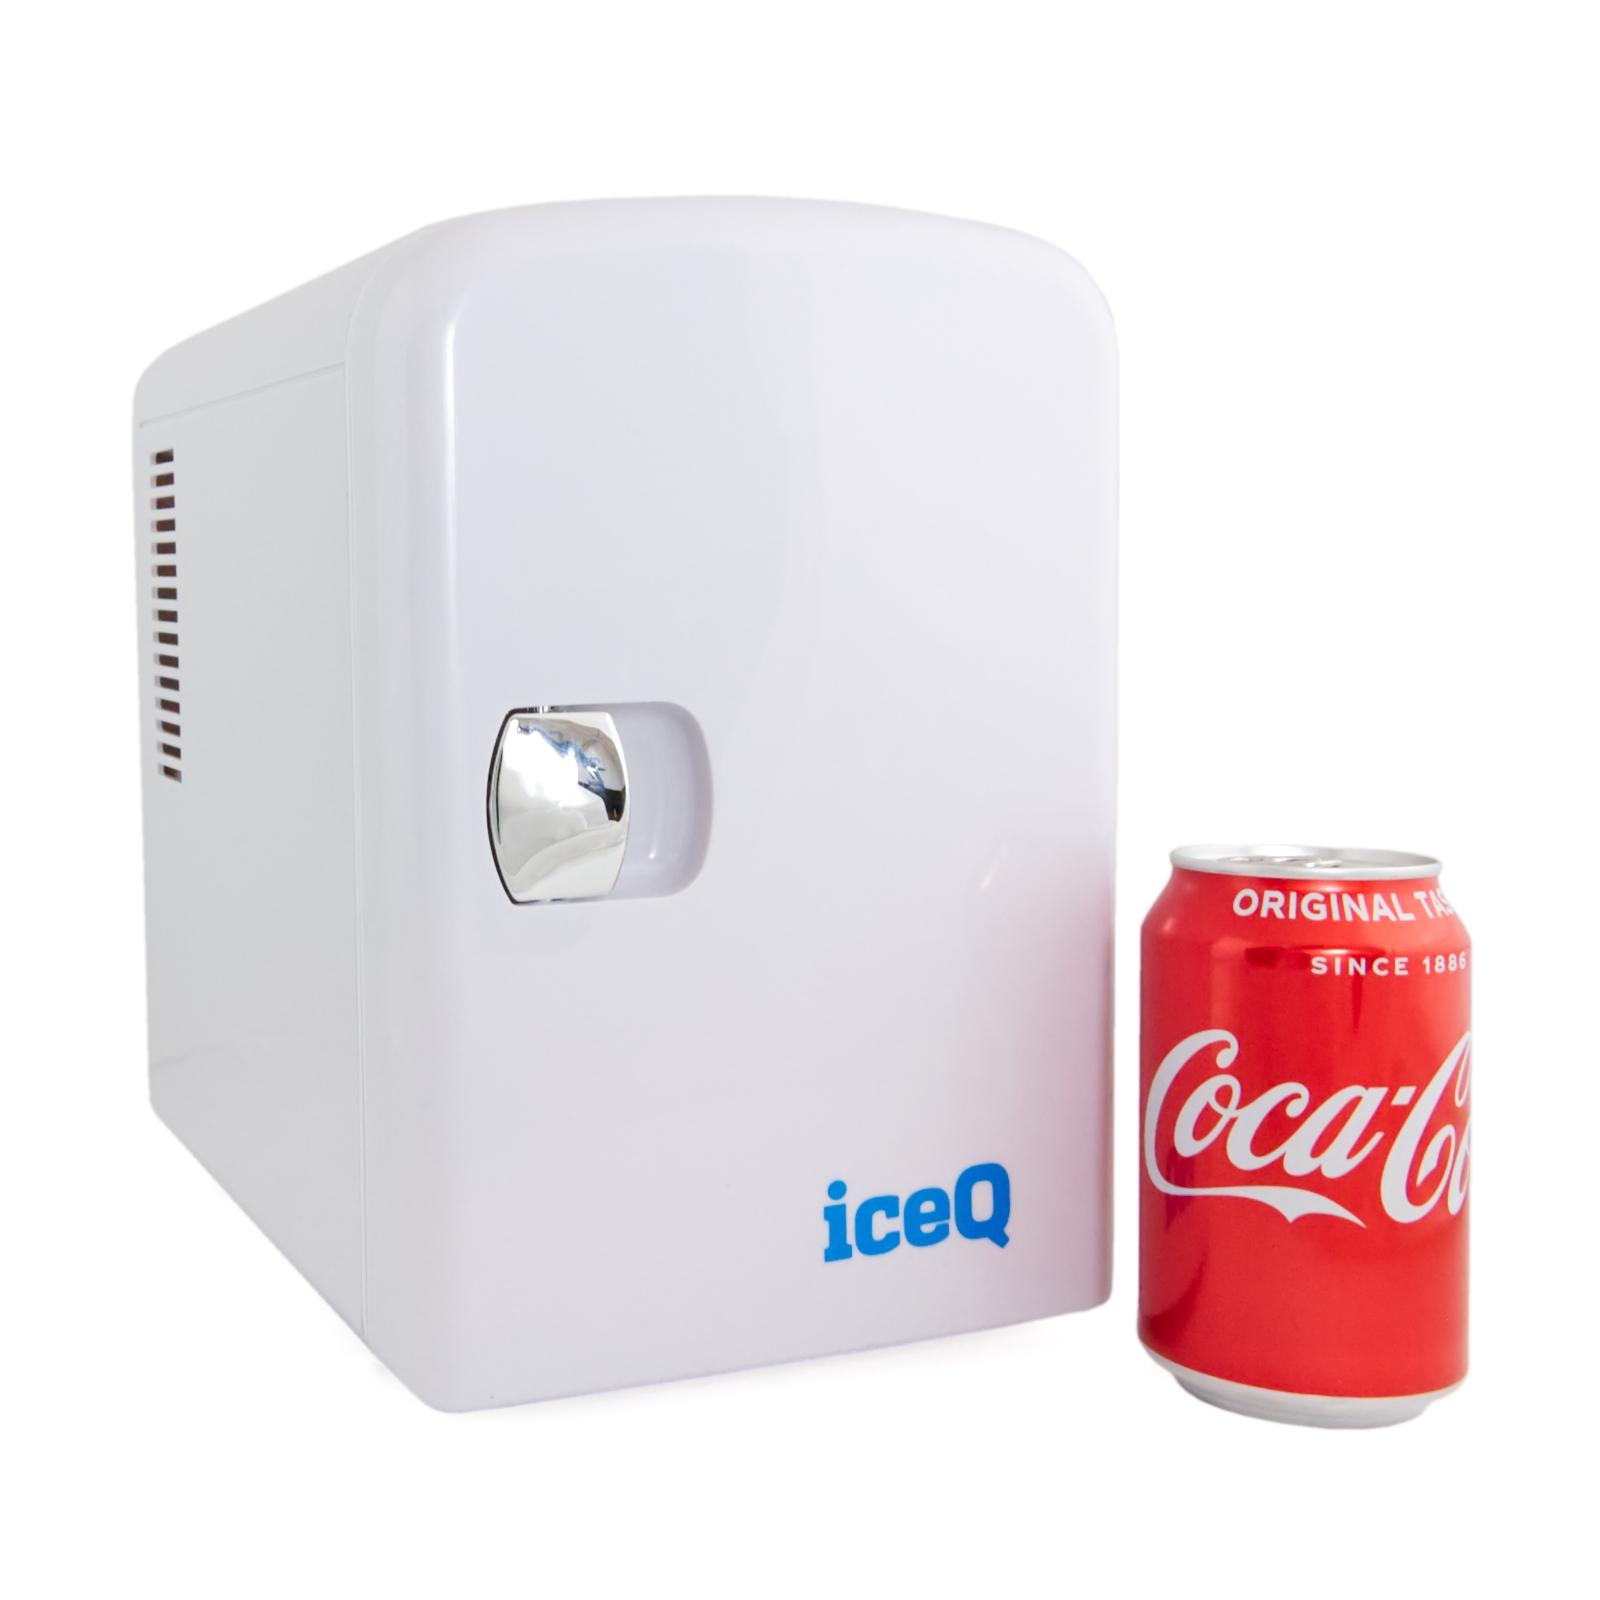 Iceq 4 Litre Mini Fridge White